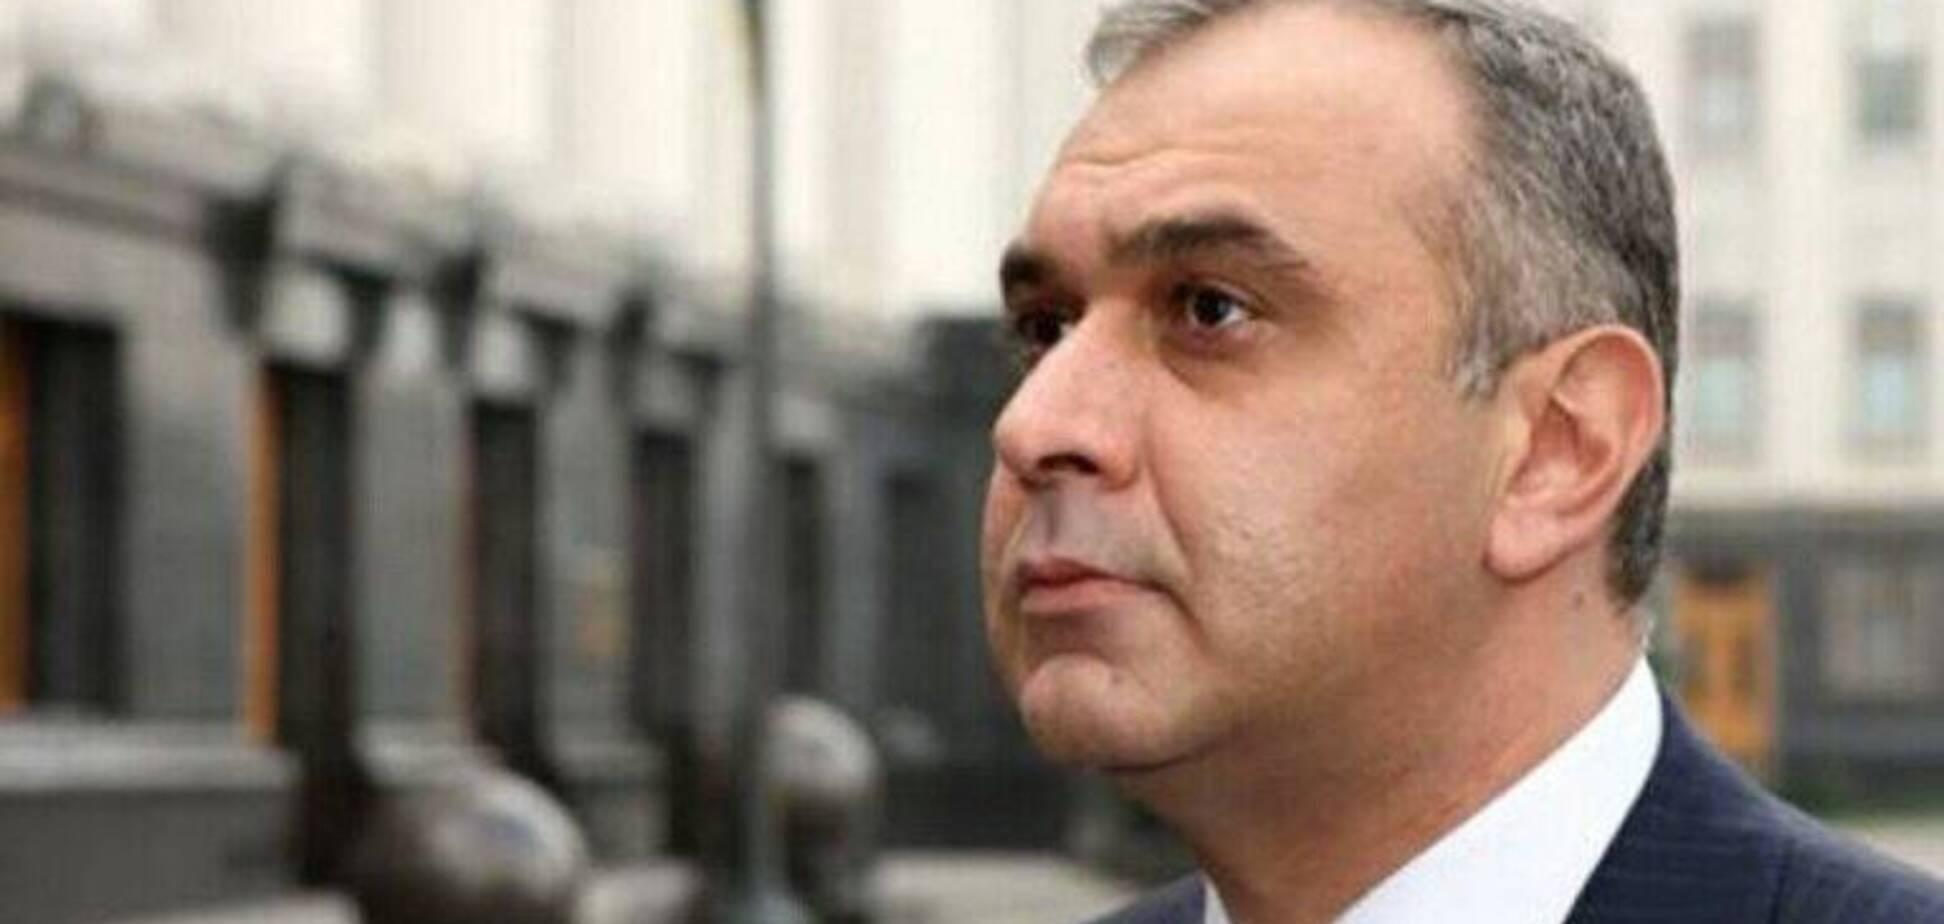 Сюмар викрила фейк Кремля про Жванію-'майданівця': його не було і близько